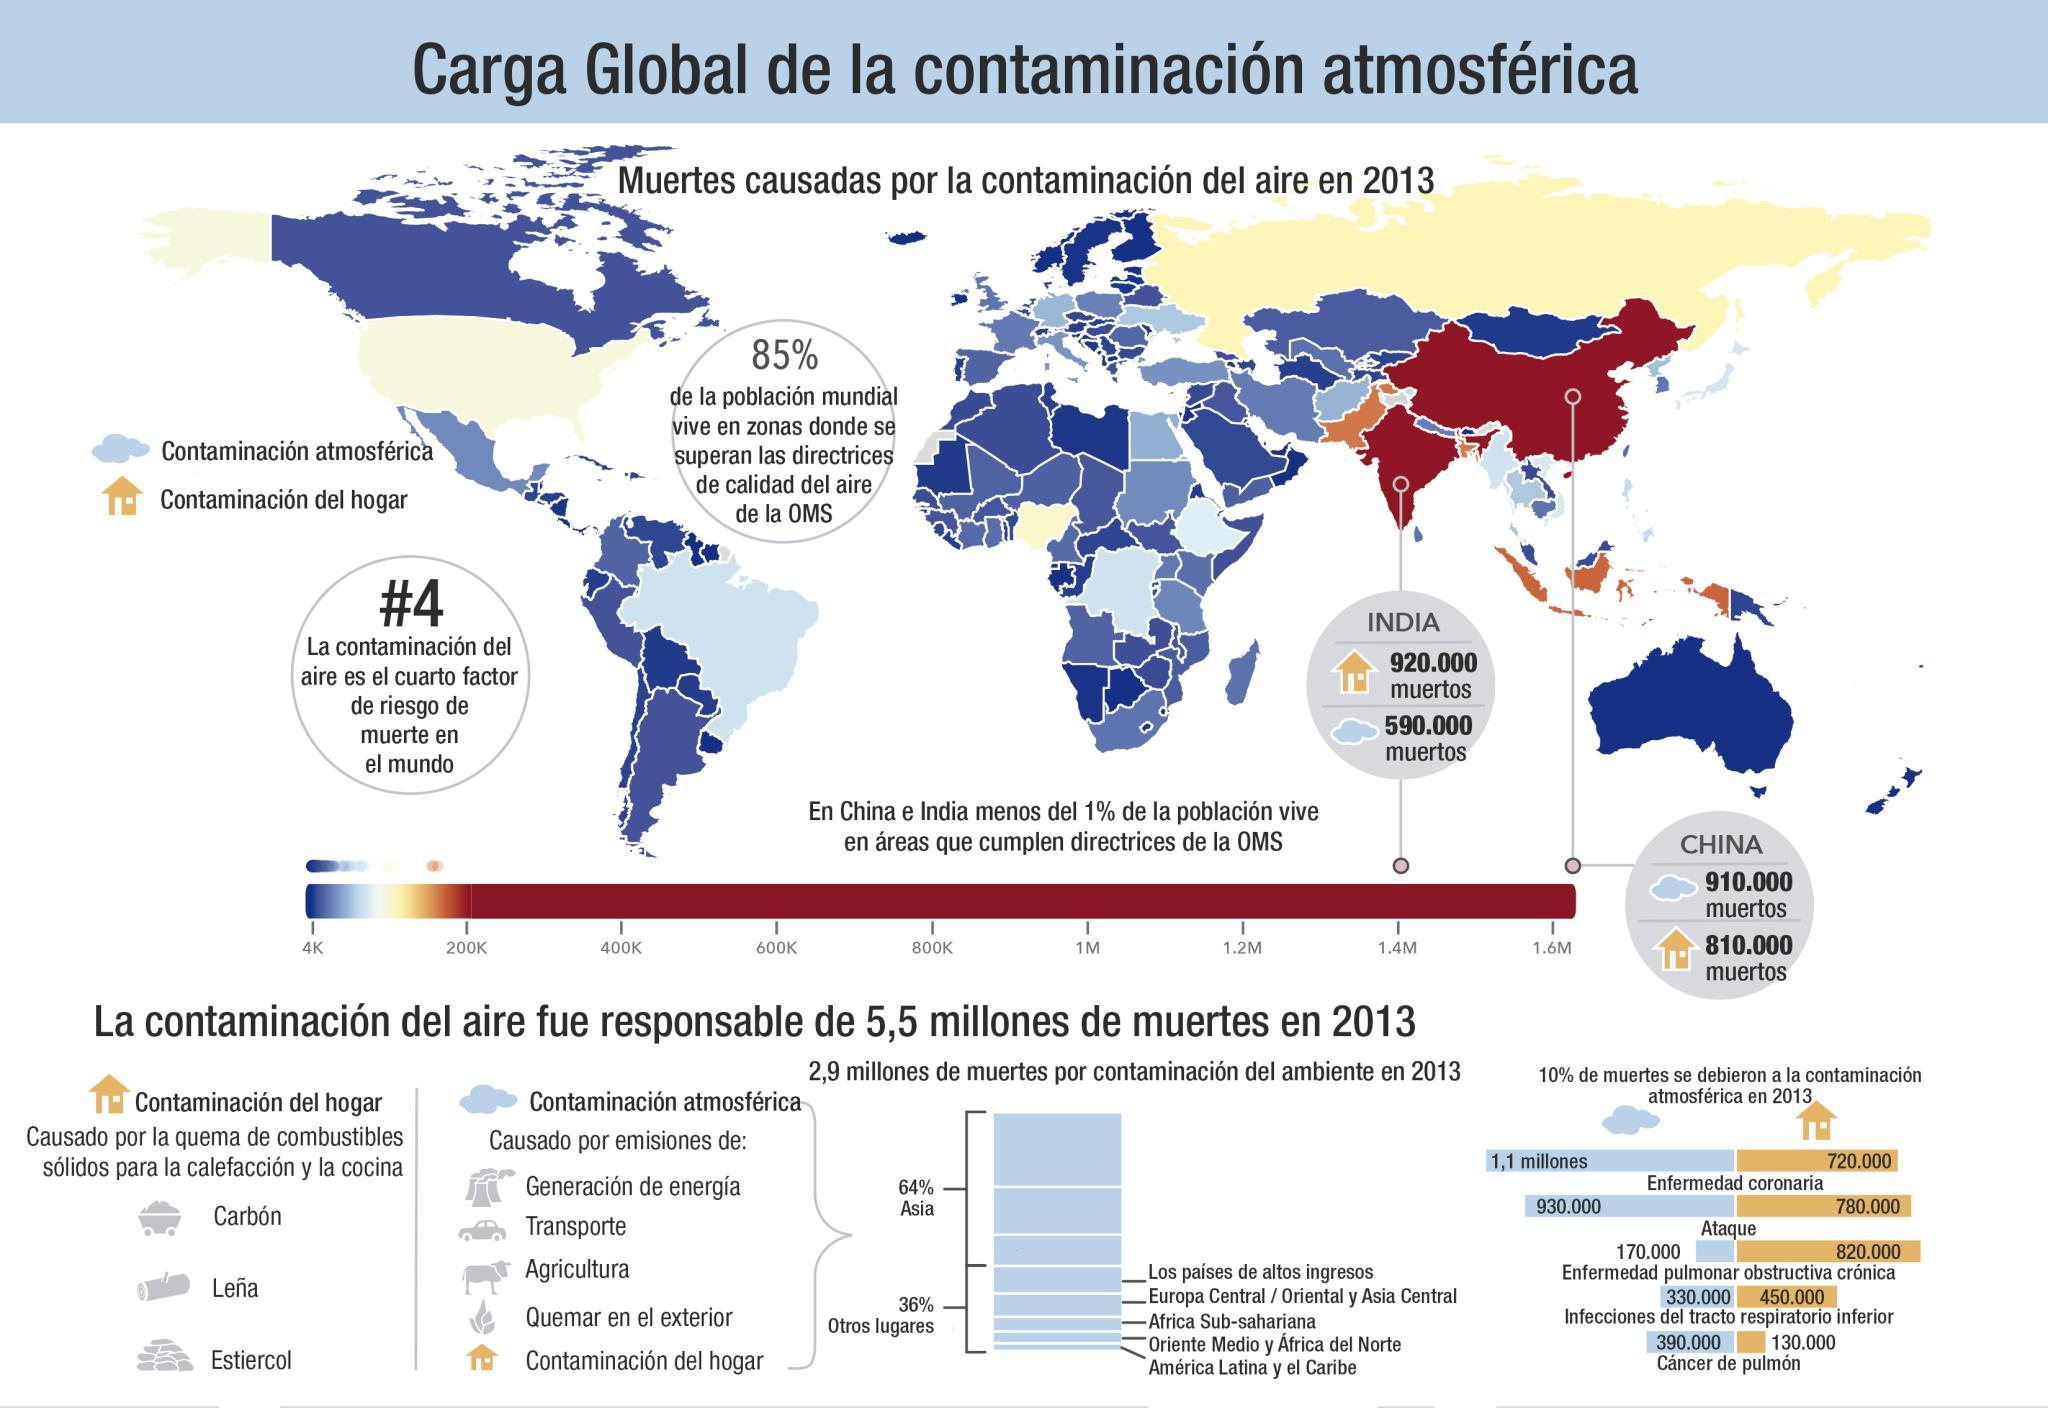 Fuente: europapress.es